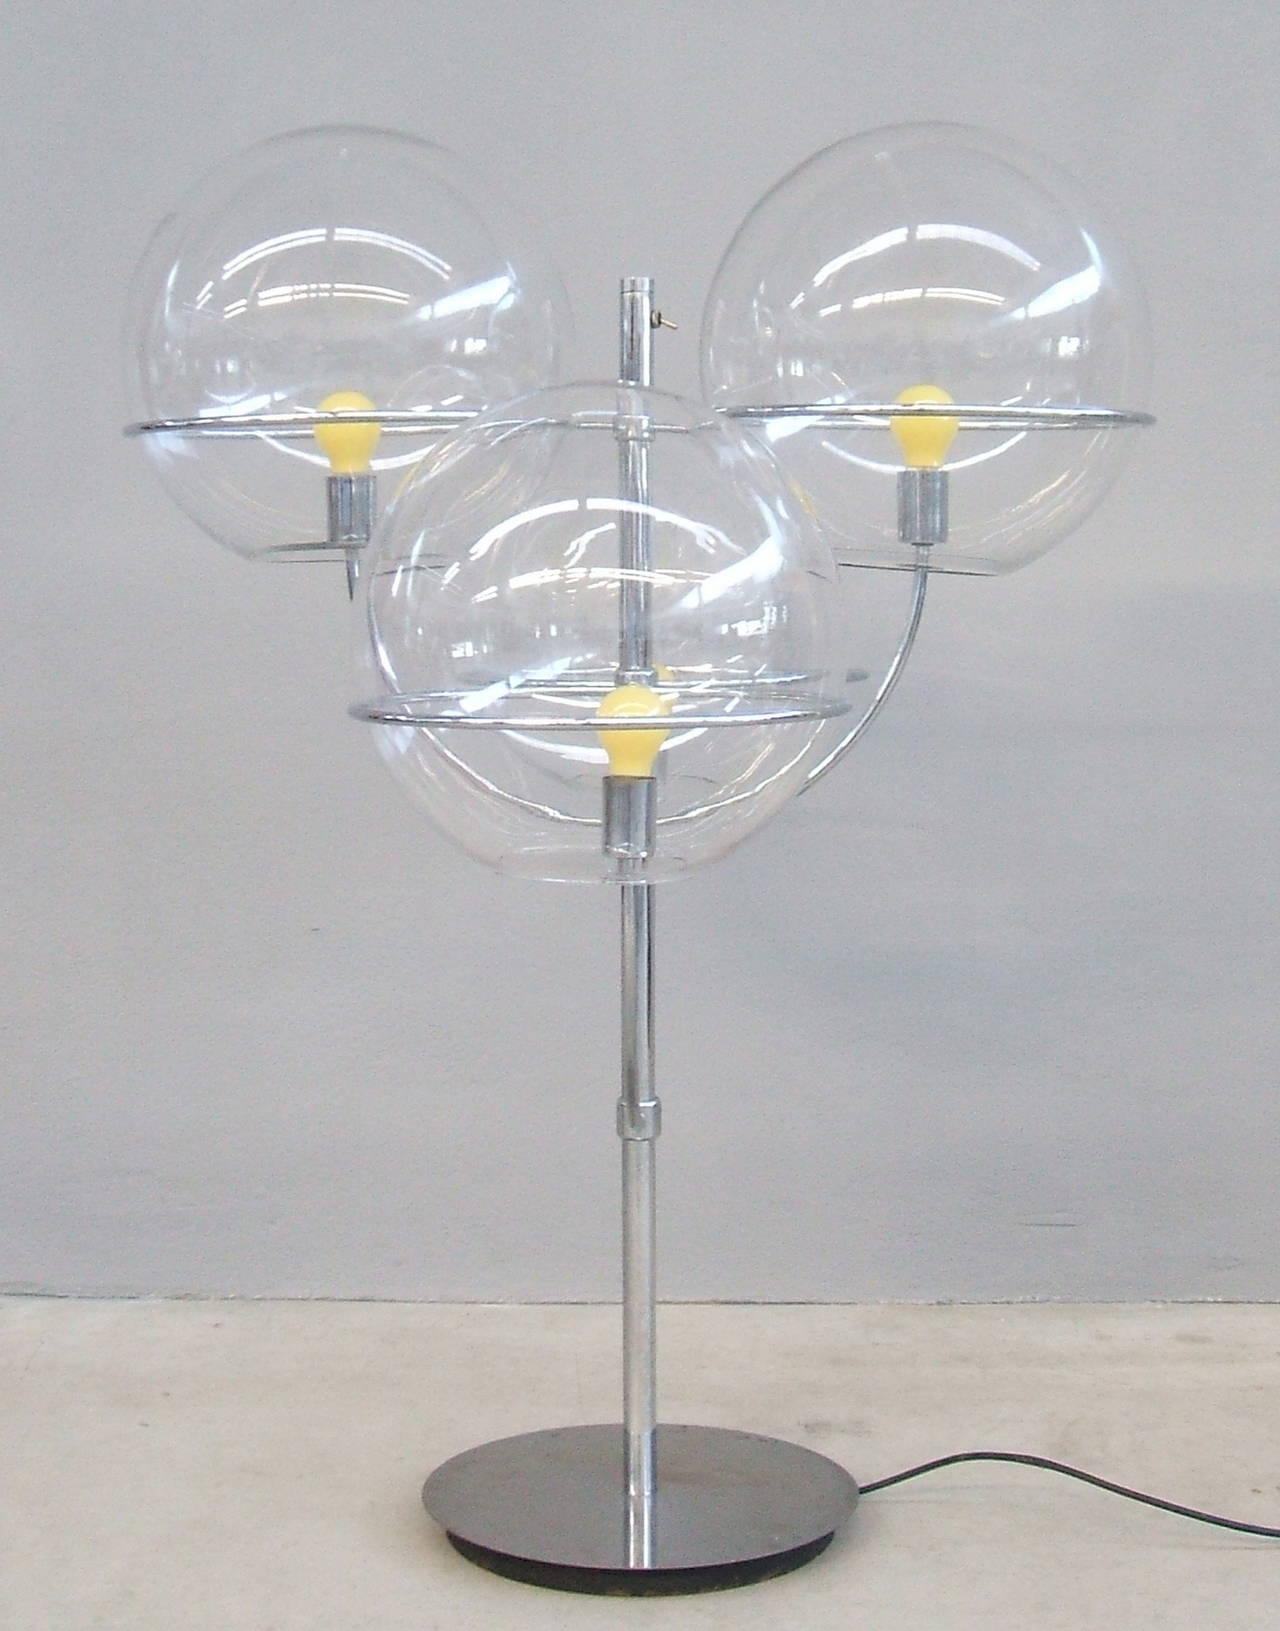 Late 20th Century Lyndon De Sol Floor Lamp by Vico Magistretti For Sale